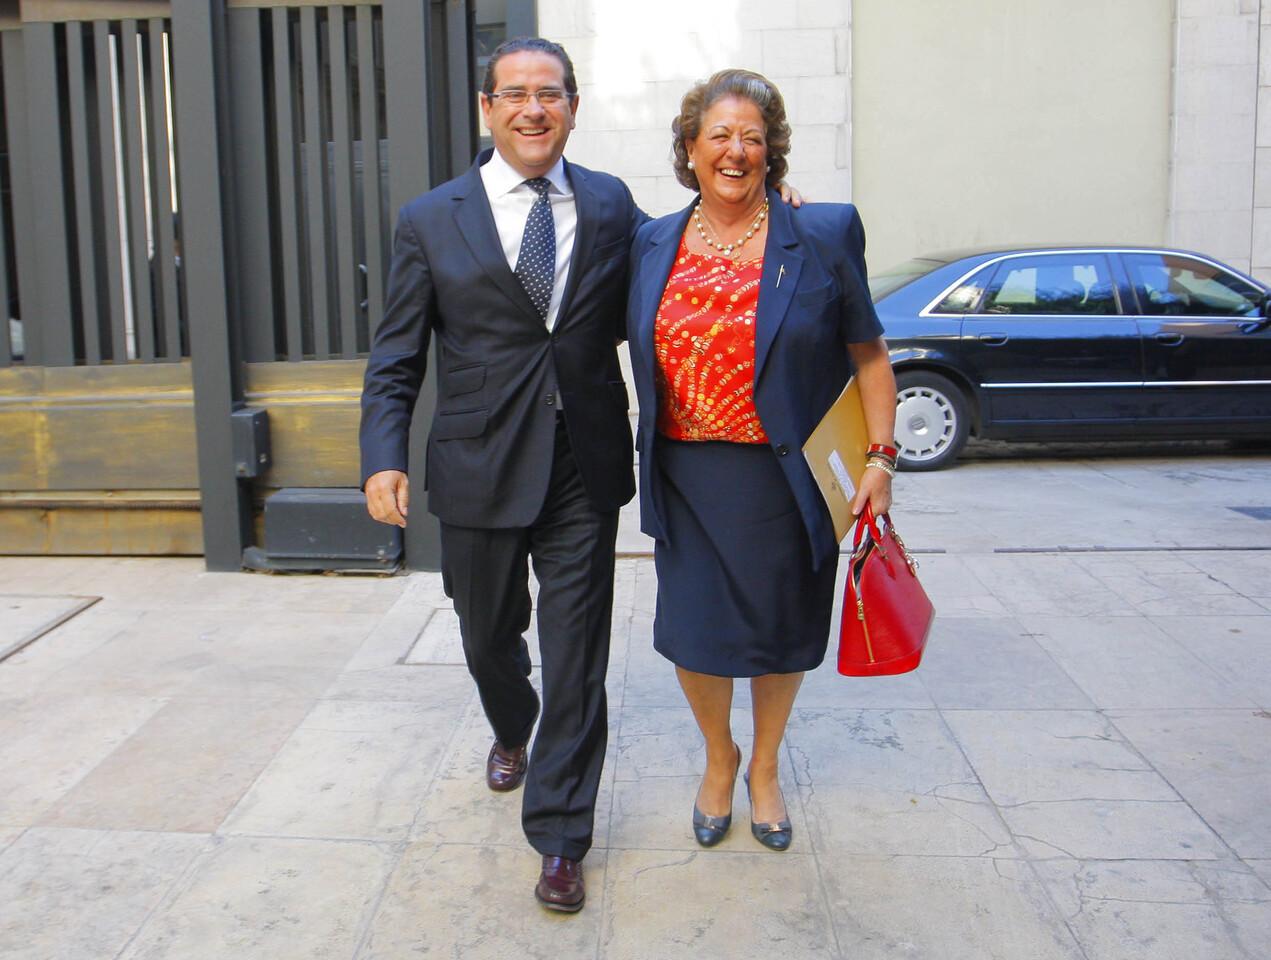 El nuevo portavoz en Las Corts, Jorge Bellver, y la alcaldesa, Rita Barberá, entran juntos está mañana en Las Corts/ayto vlc